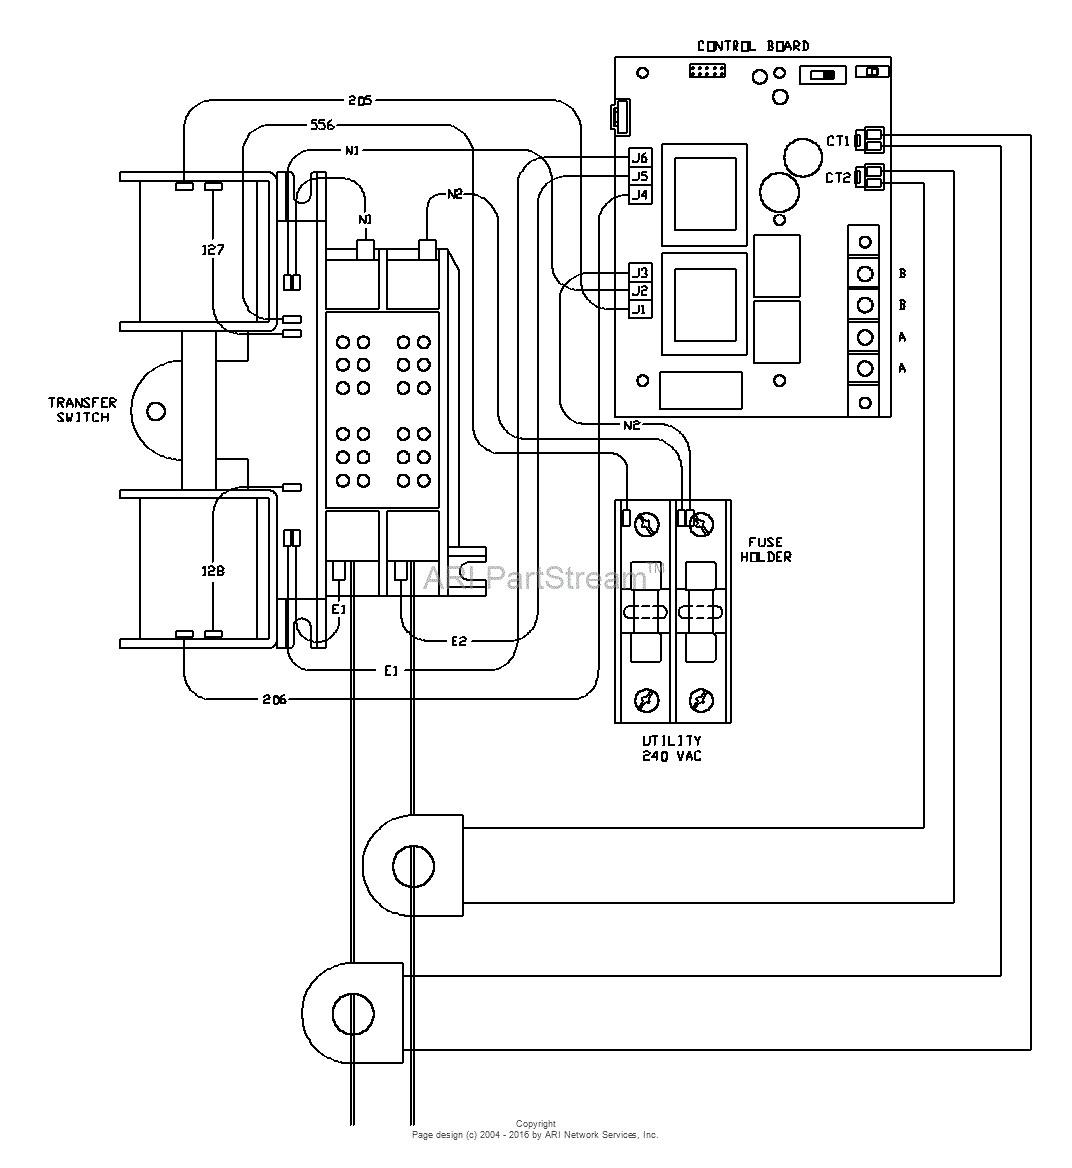 generac ats wiring diagram | free wiring diagram dixon lawn mower wiring diagram free download ats panel wiring diagram free download